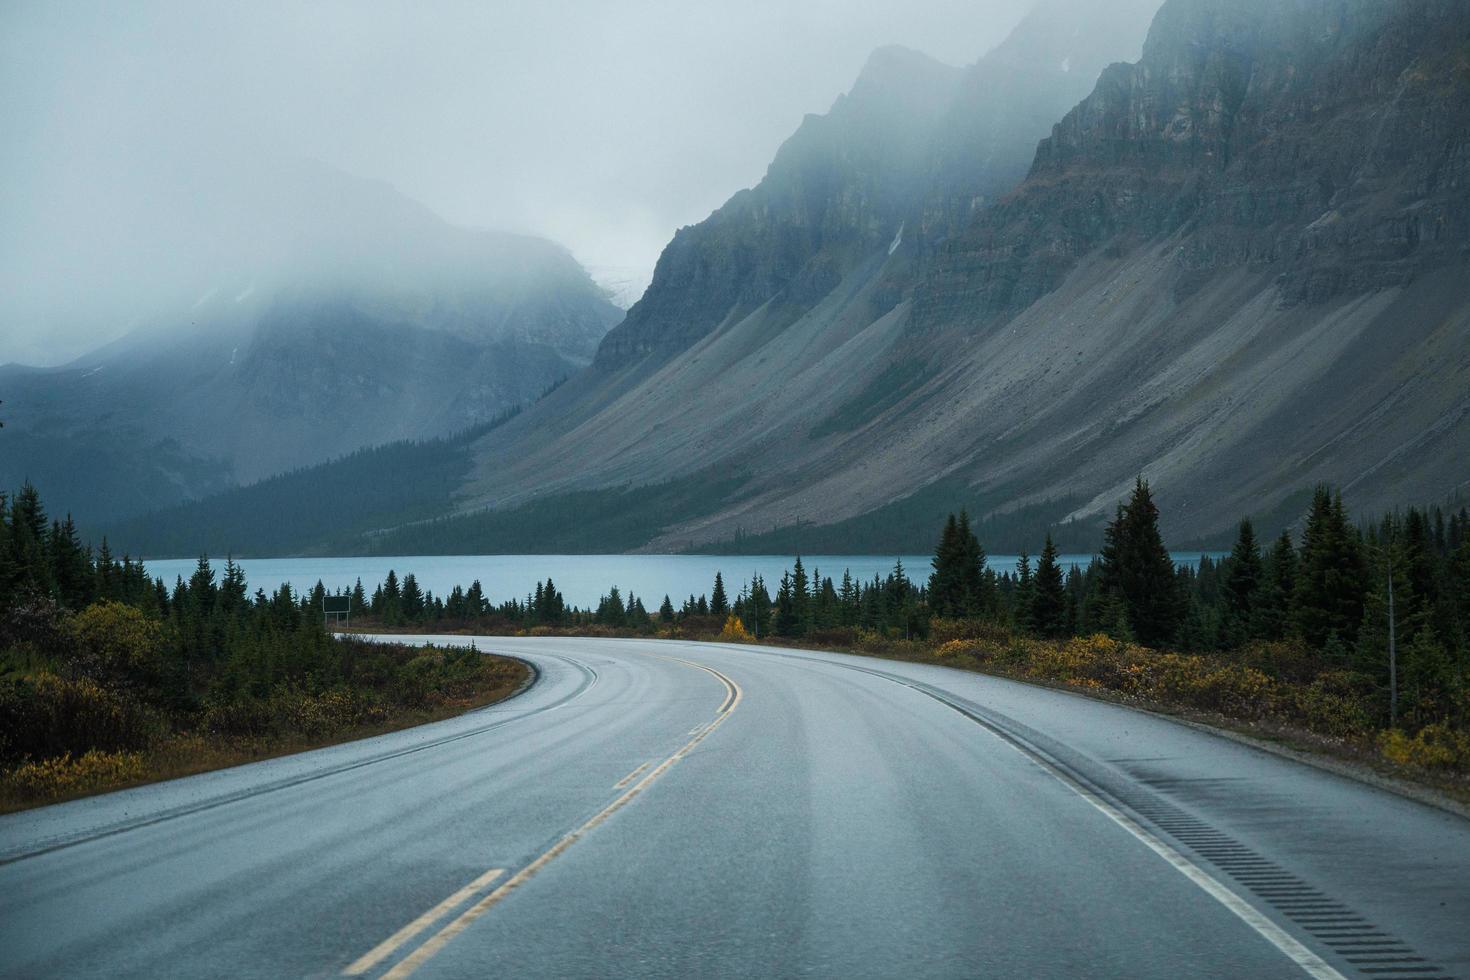 landschaftlich reizvoller Roadtrip durch die felsigen Berge foto